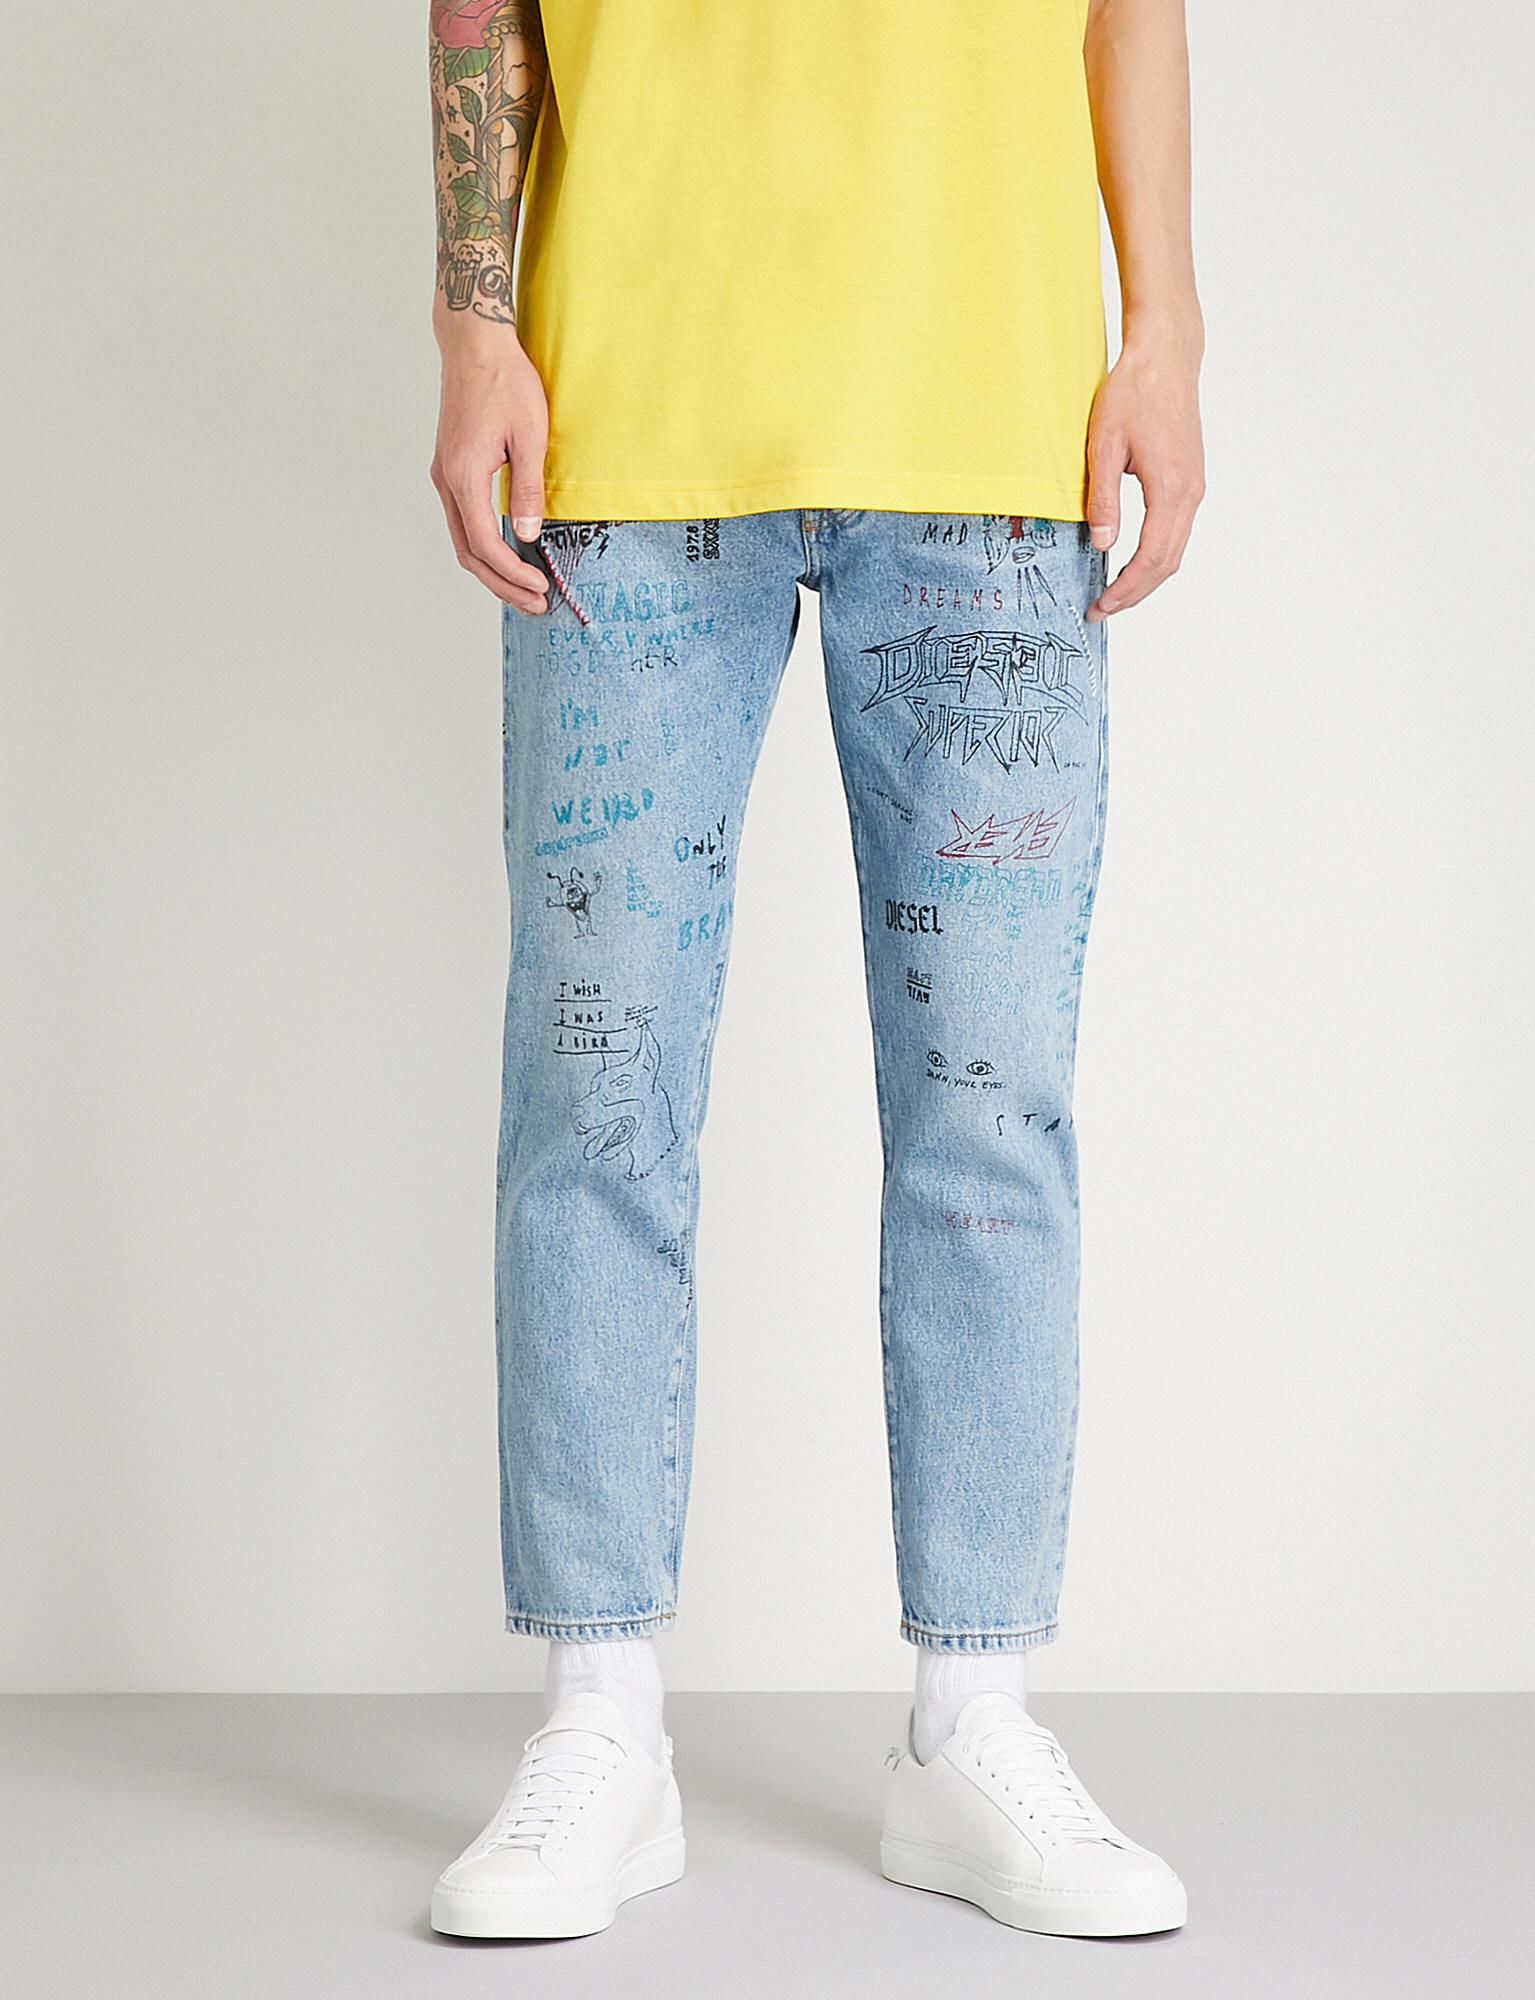 017a0cd8 DIESEL Mharky Printed Slim-fit Skinny Jeans in Blue for Men - Lyst